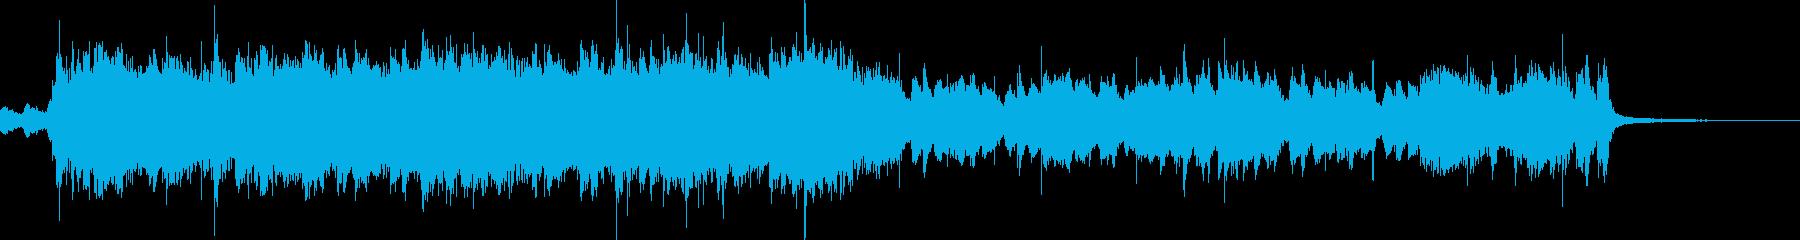 元気なスカパンクのイントロの再生済みの波形